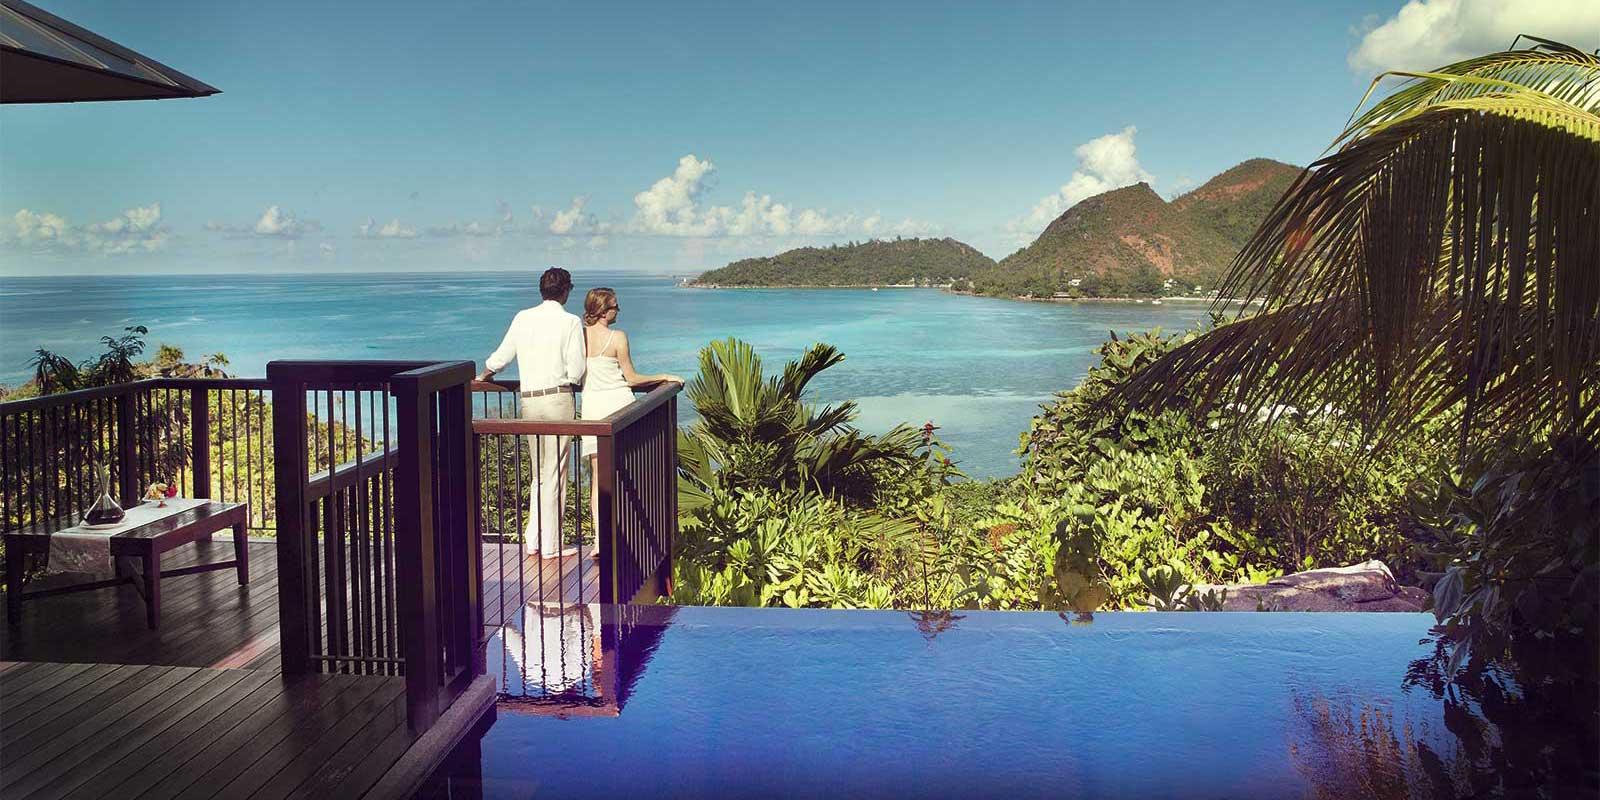 塞舌尔莱佛士度假村<br/>Raffles Praslin Seychelles